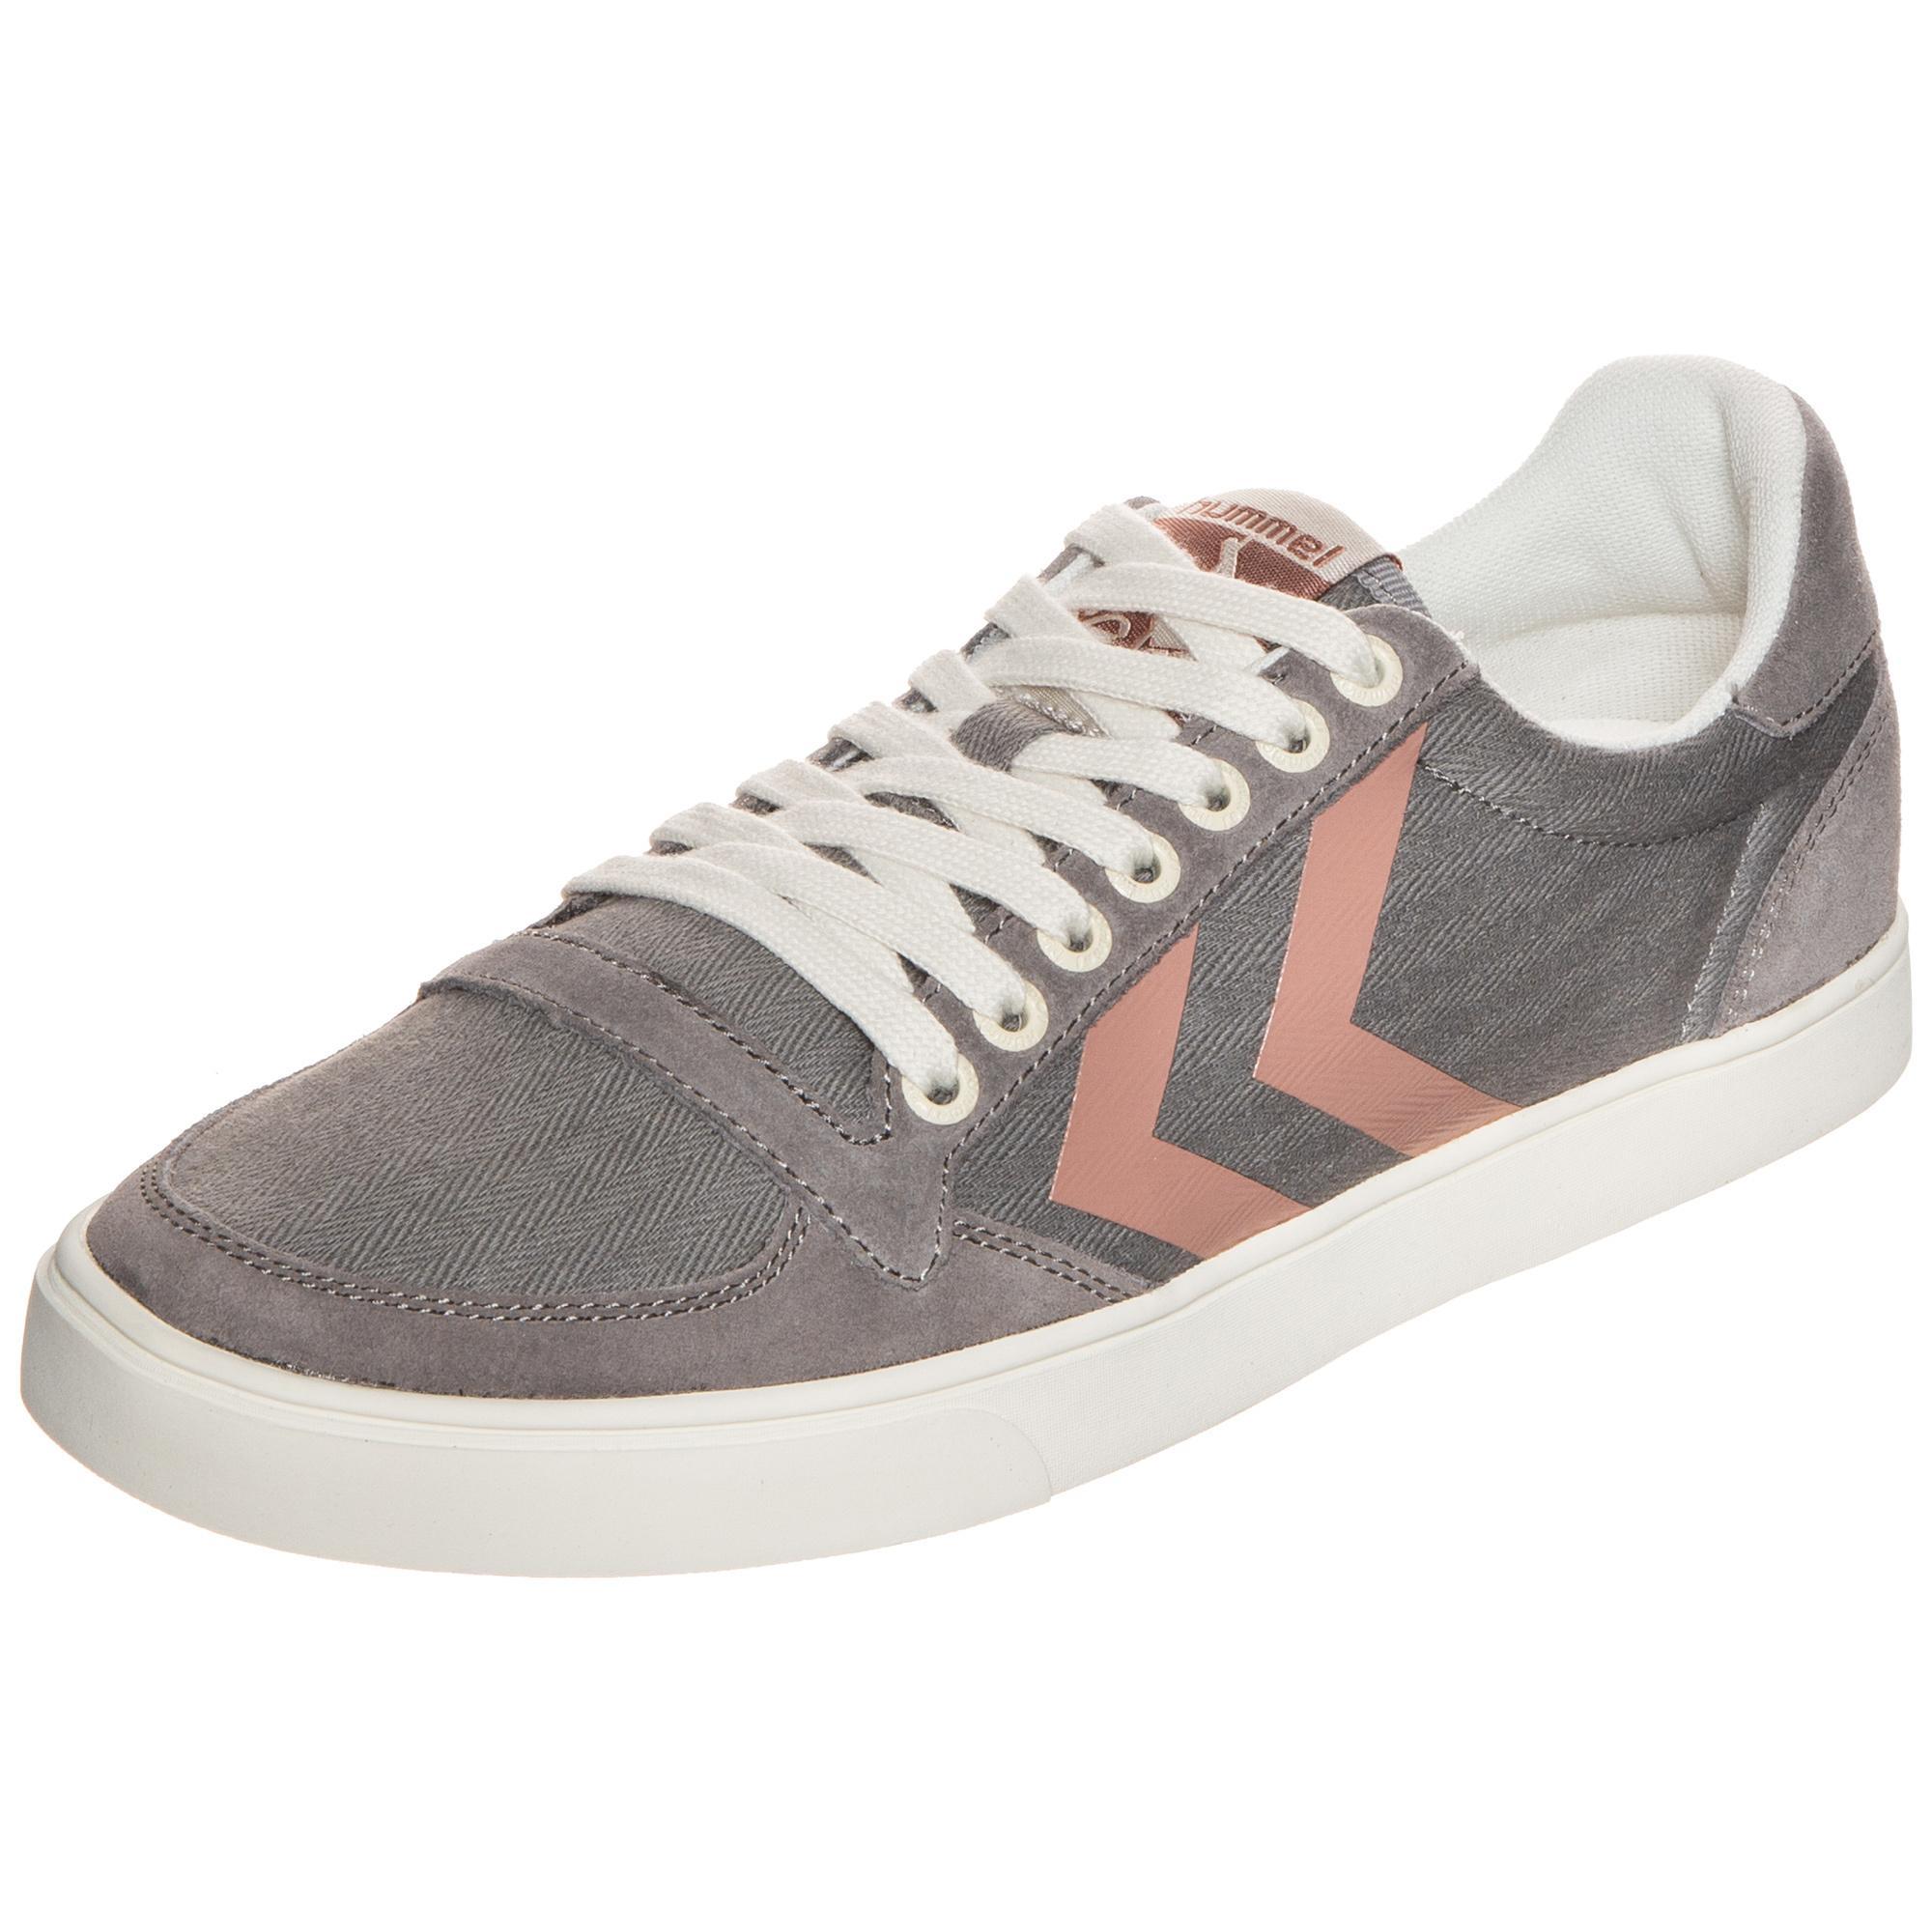 788f0a07db3a Hummel Slimmer Stadil Herringbone Niedrig Sneaker Damen grau Shop im Online  Shop grau von SportScheck kaufen Gute Qualität beliebte Schuhe d834fa